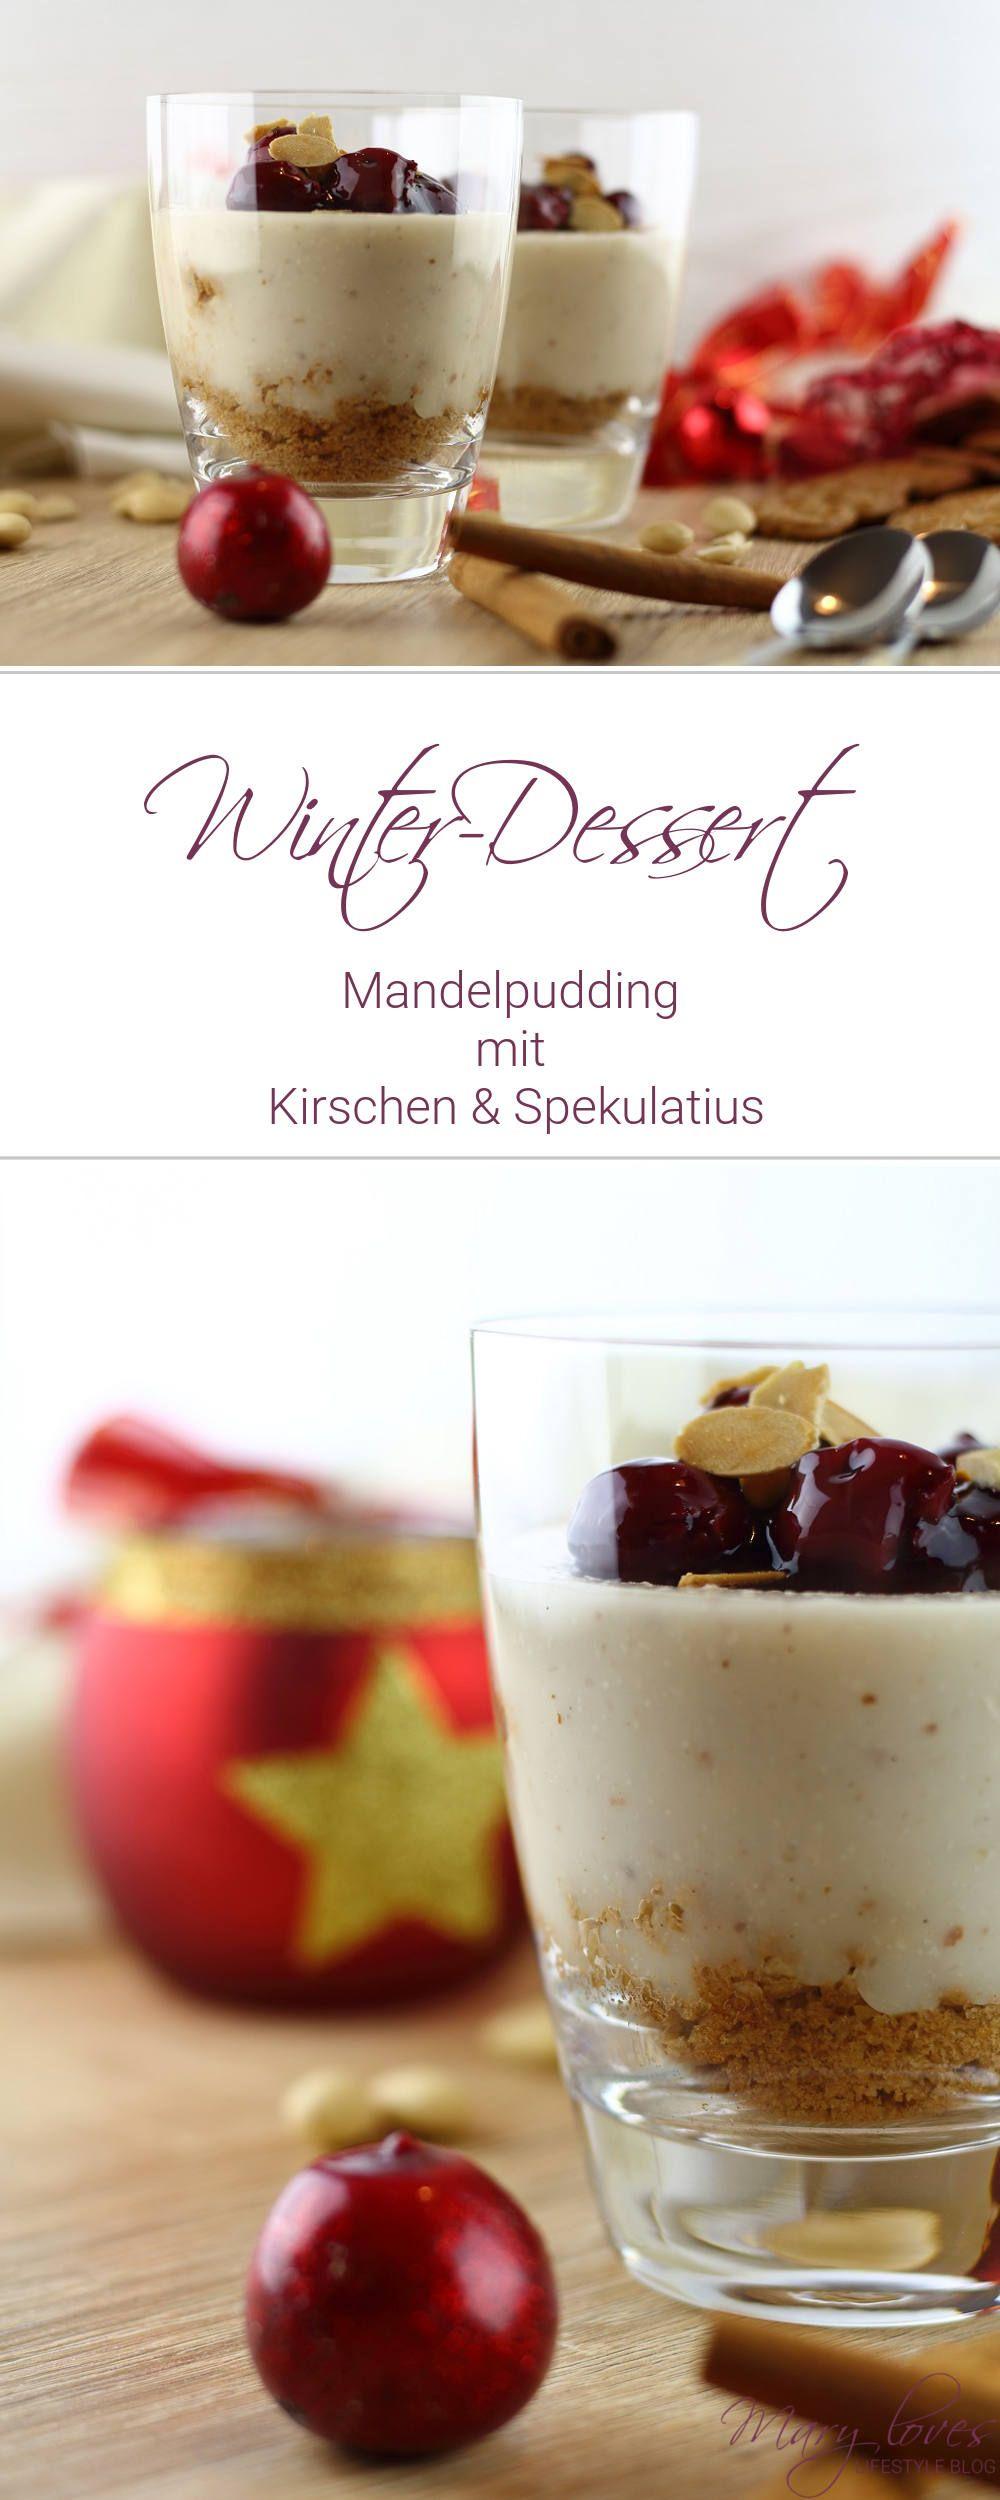 Mandelpudding mit Kirschen und Spekulatius #winter